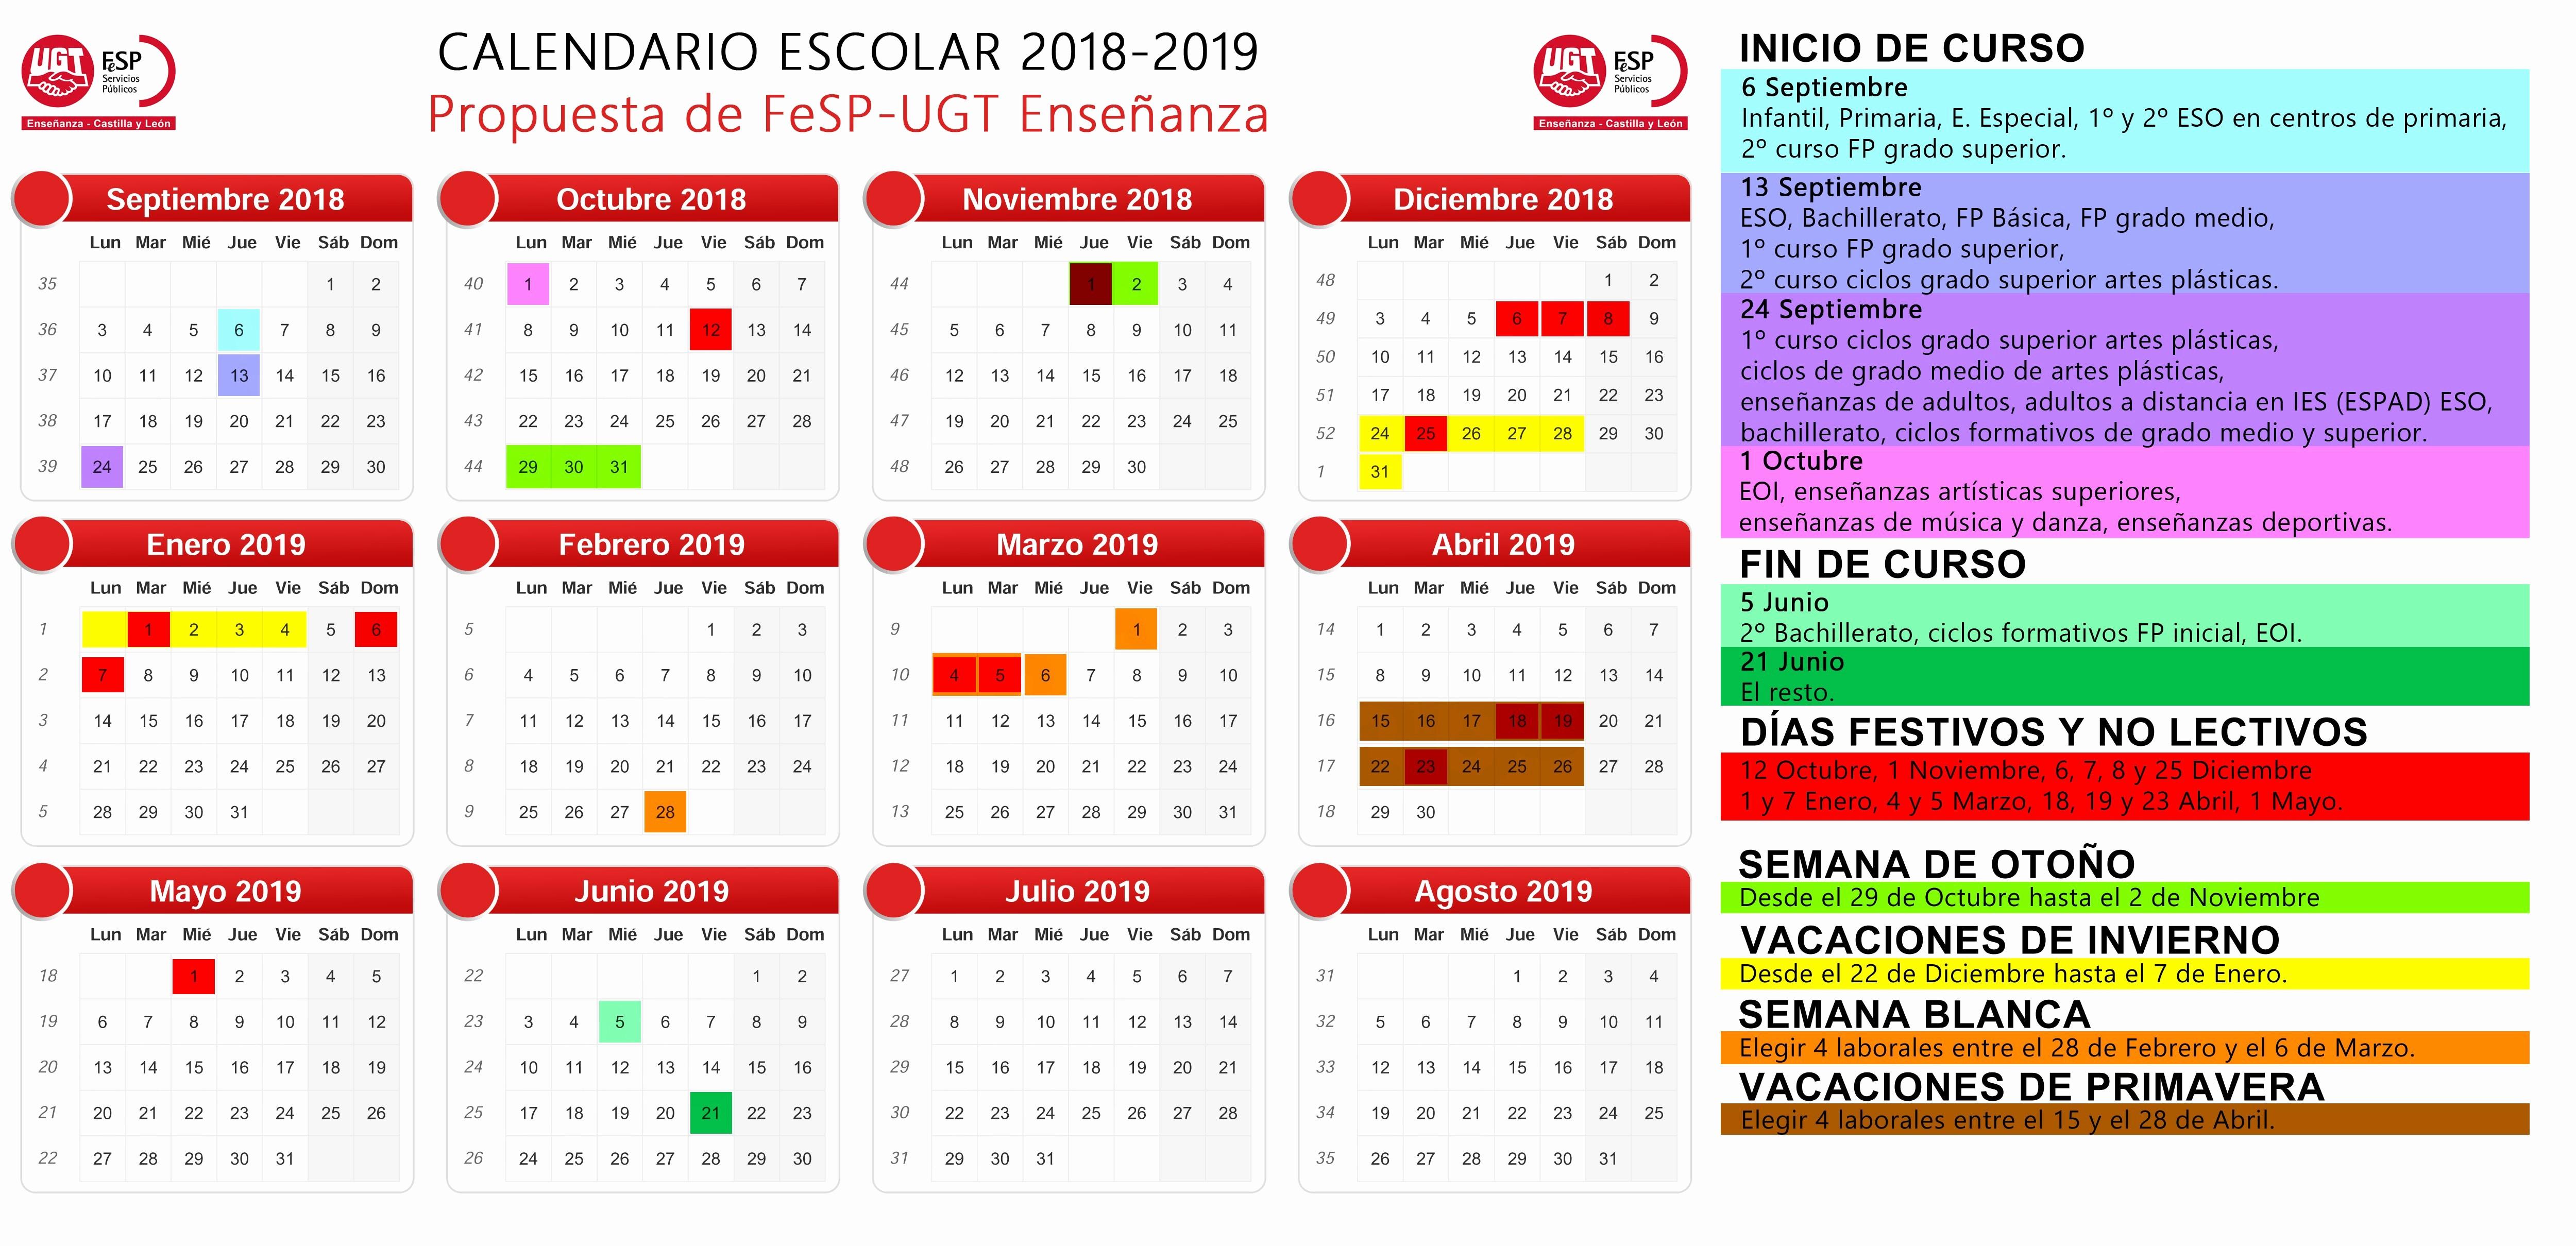 calendario escolar 2019 catamarca calendario escolar 2019 catamarca propuesta de ugt de calendario escolar basado en criterios